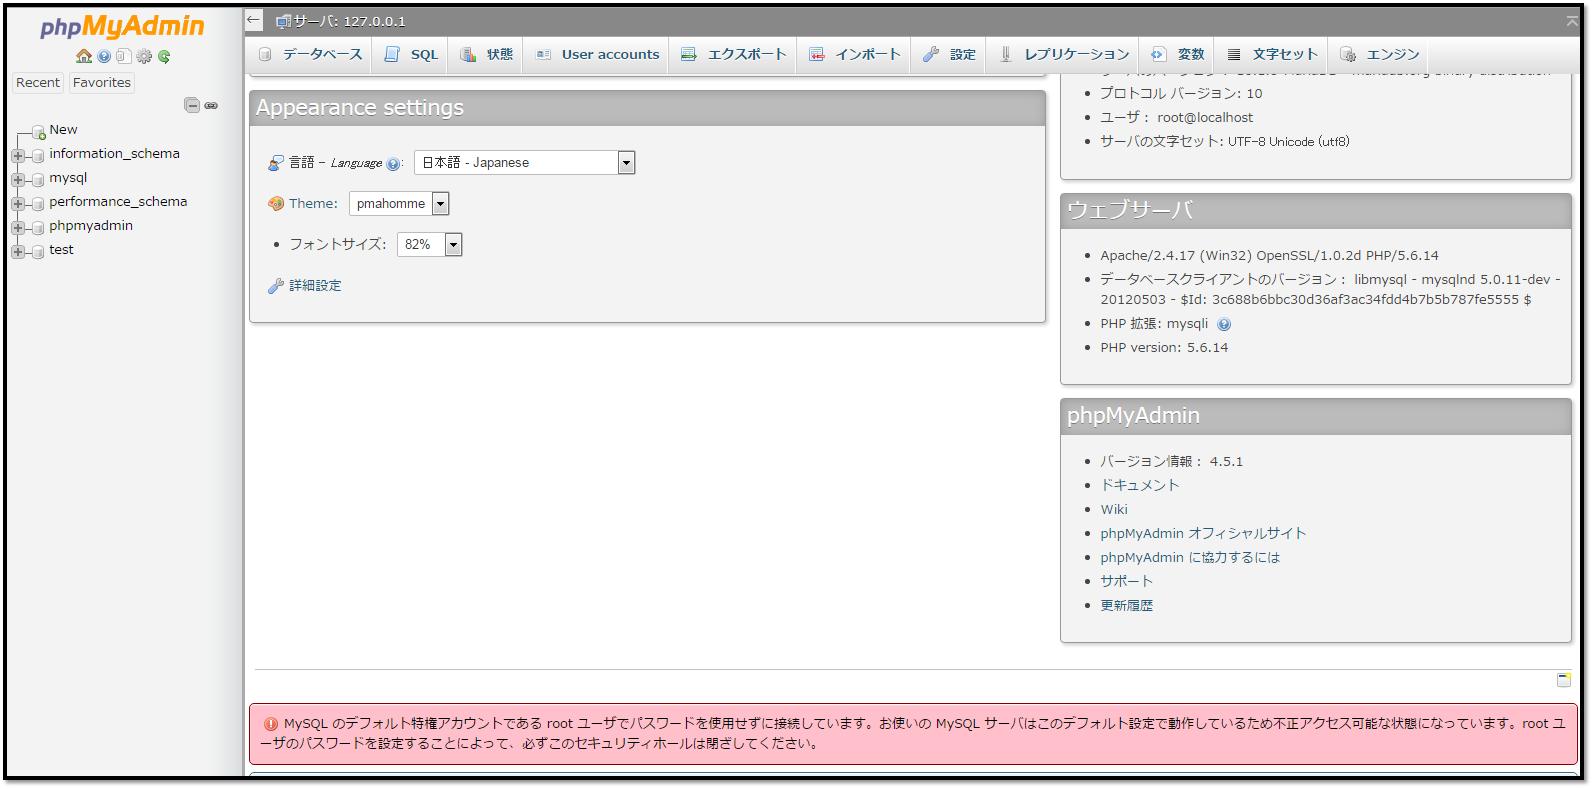 phpMyAdminのパスワードを変更する画面